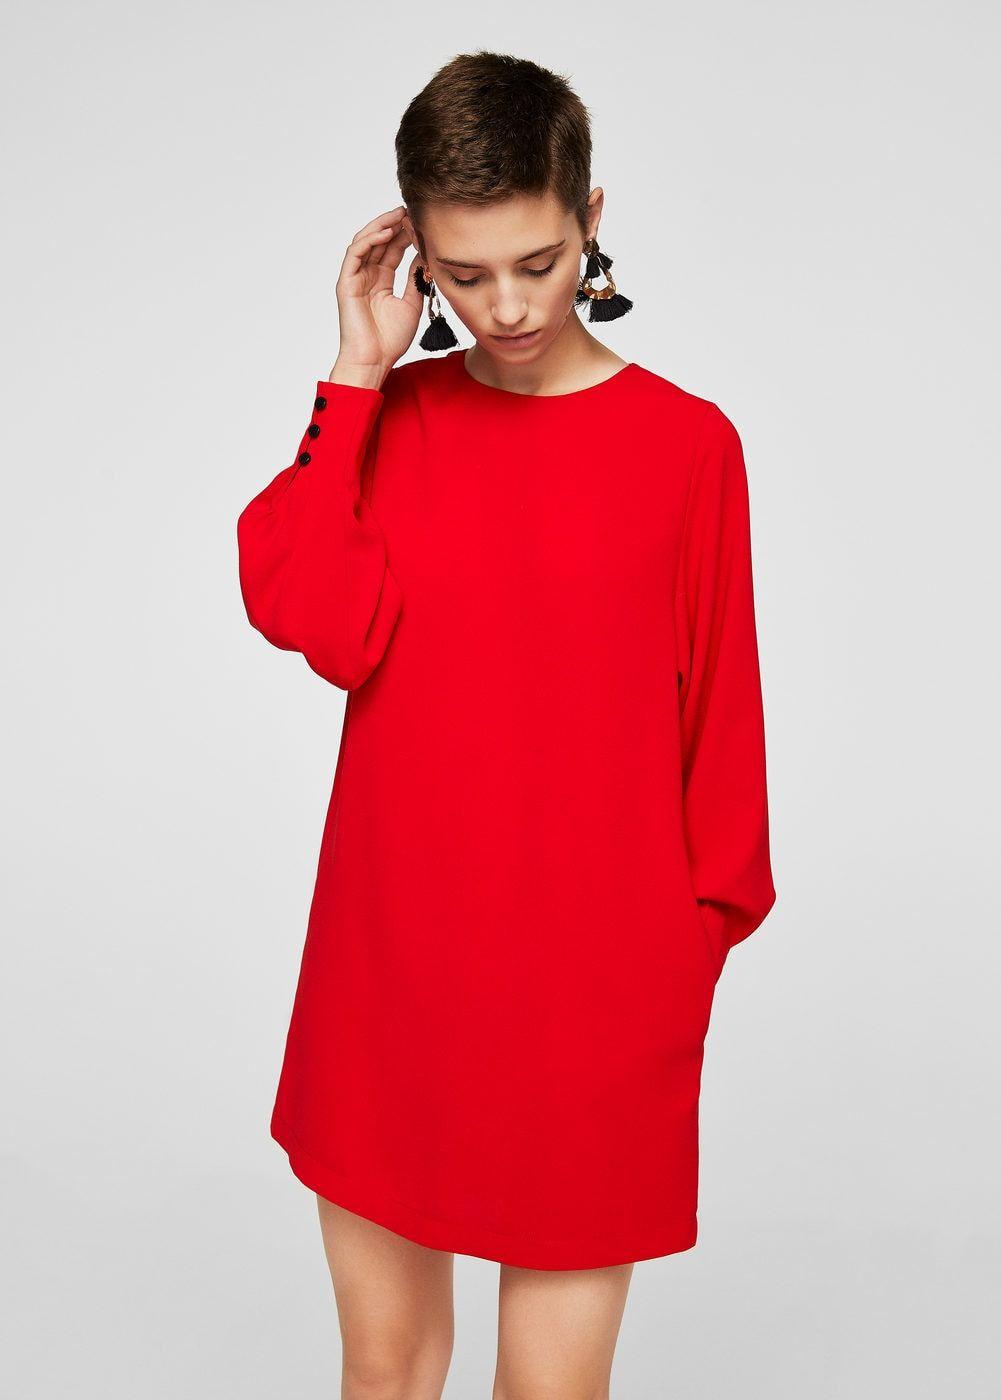 Платье с рукавами-фонариками - Платья - Женская  a8f17ddd5888a